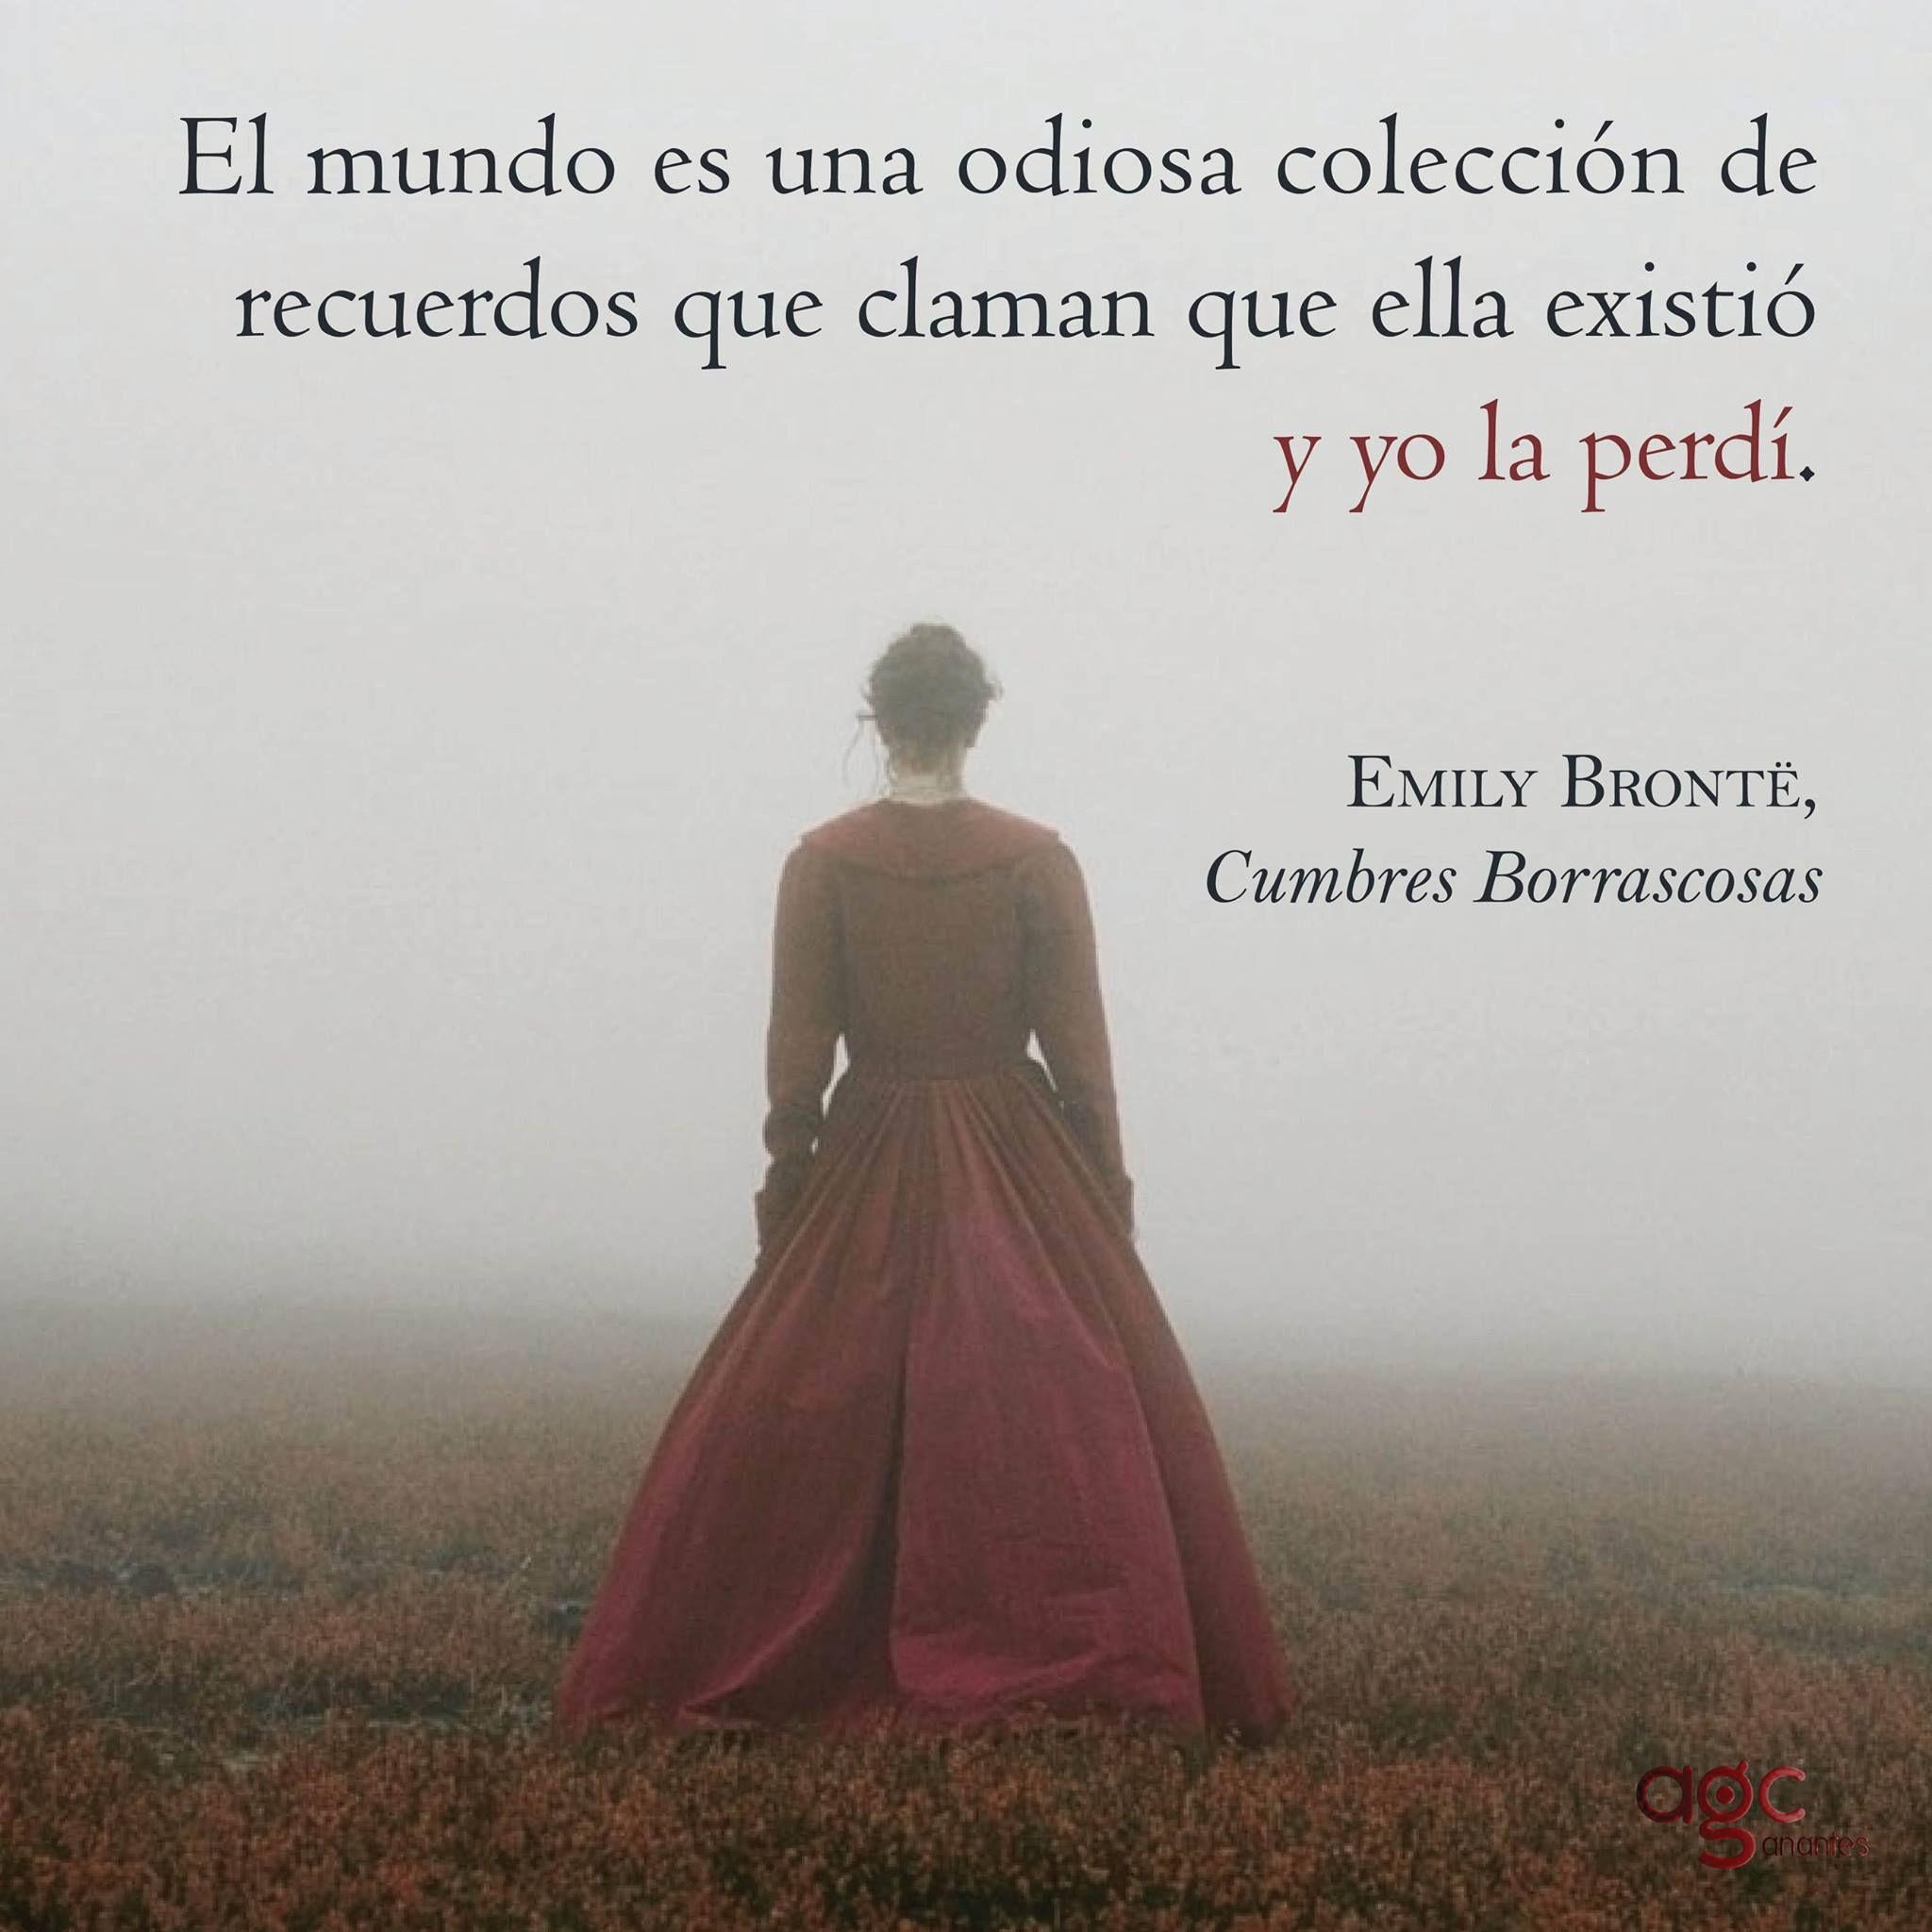 """Emily Brontë: """"El mundo es una odiosa colección de recuerdos que claman que ella existió y yo la perdí""""."""